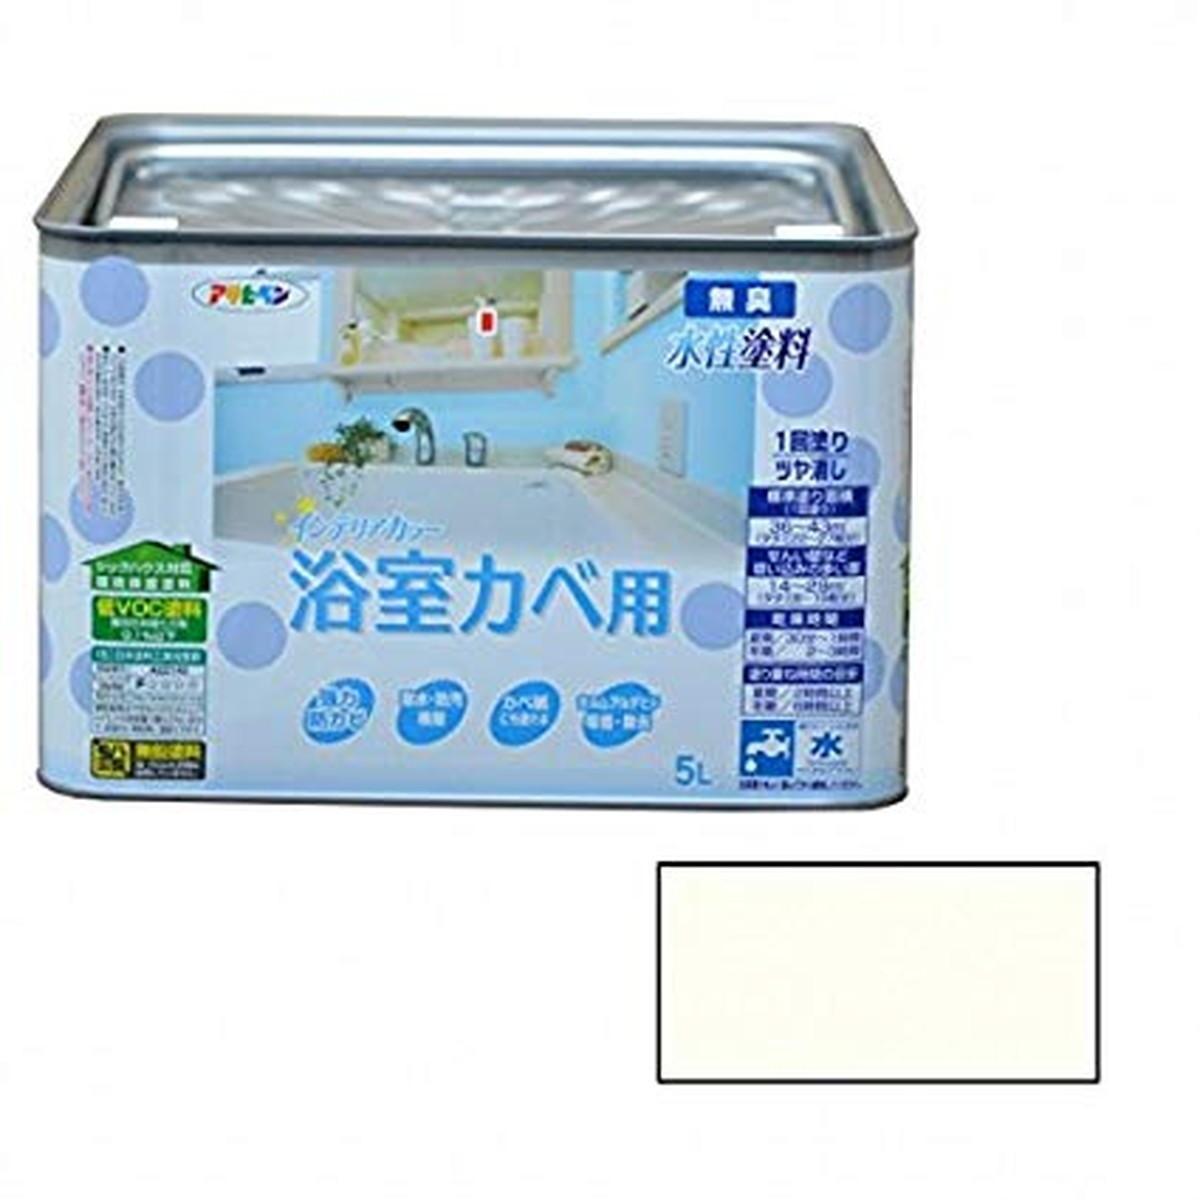 アサヒペン NEW水性インテリアカラー浴室カベ 5L ミルキーホワイト【クーポン配布中】